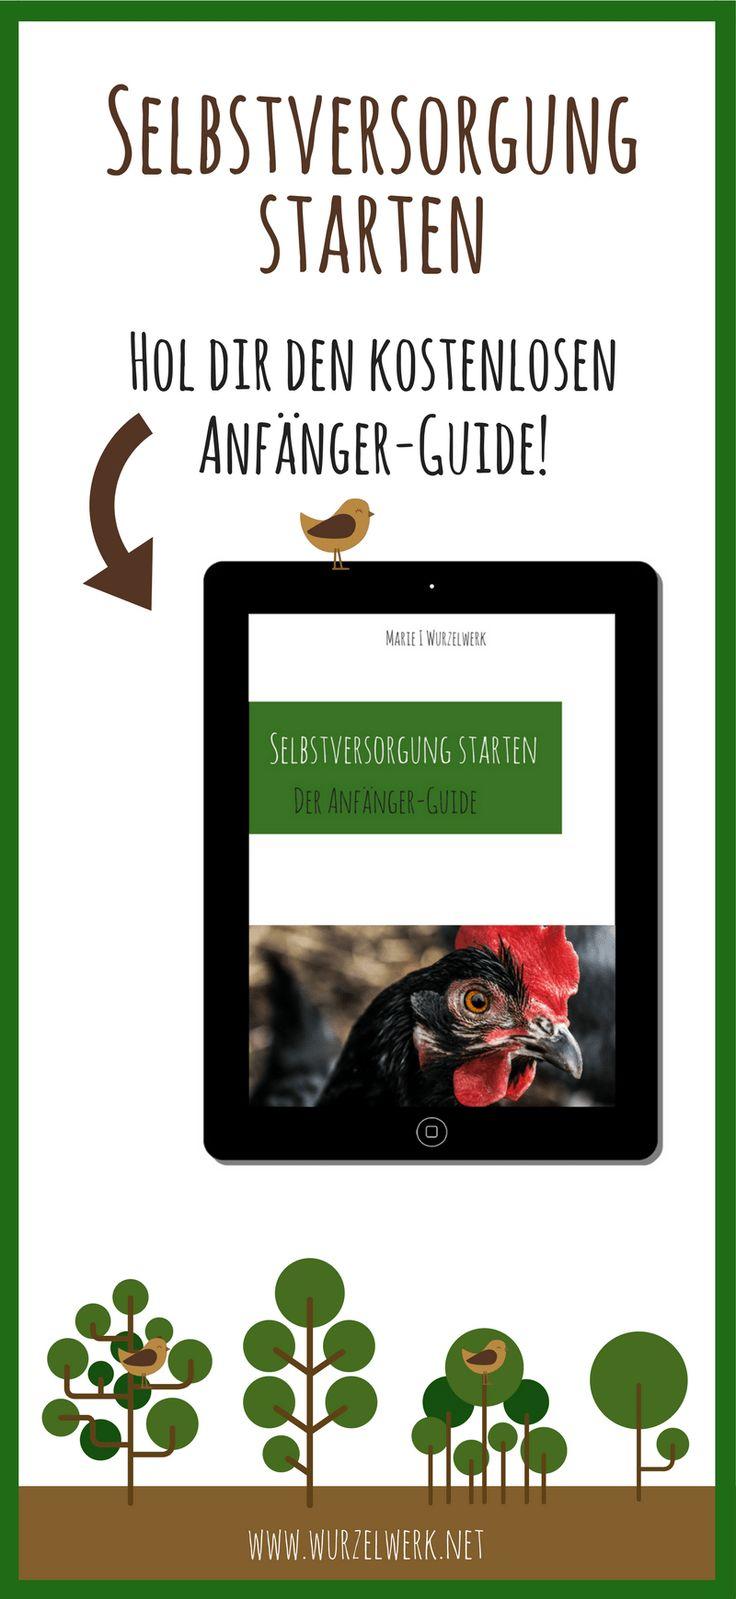 Selbstversorgung für Anfänger: Das kostenlose PDF mit Tipps für angehende Selbstversorger rund um Garten, Haus, Balkon und Tiere! #selbstversorger #selbstversorgung #gemüsegarten #garten